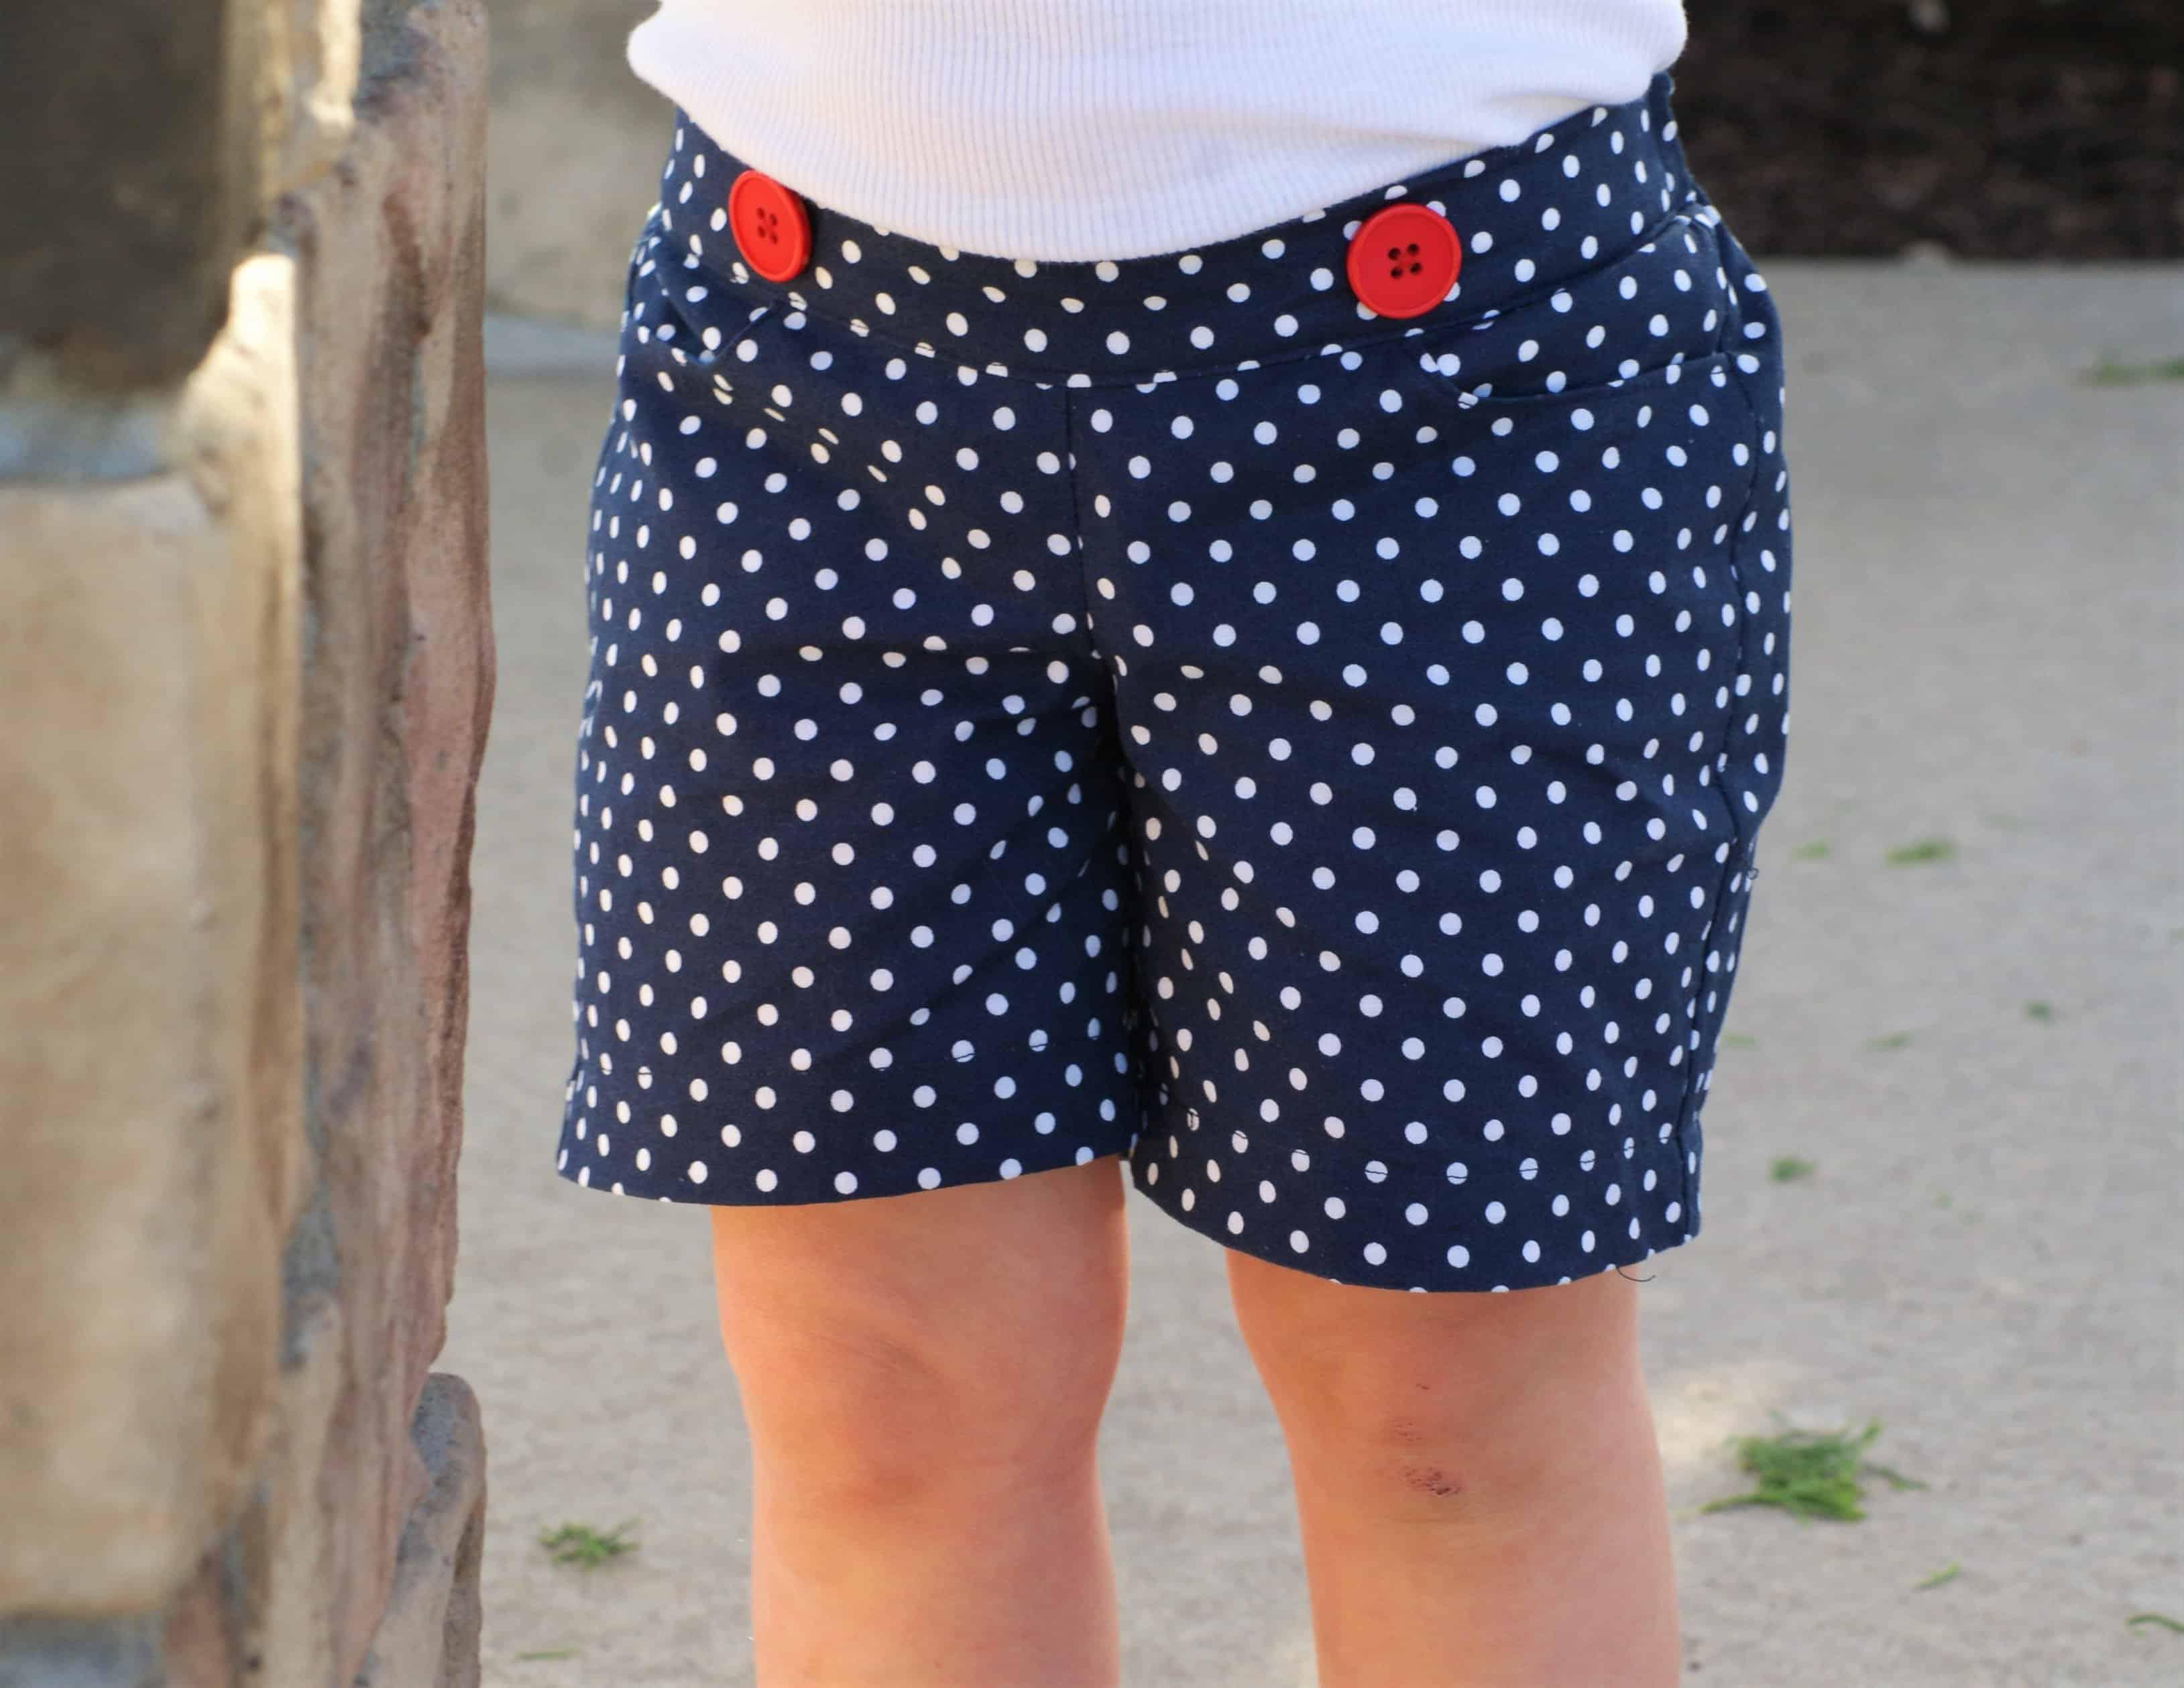 Summer Caye Pants, Capris & Shorts Girls & Ladies BUNDLED - Love ...